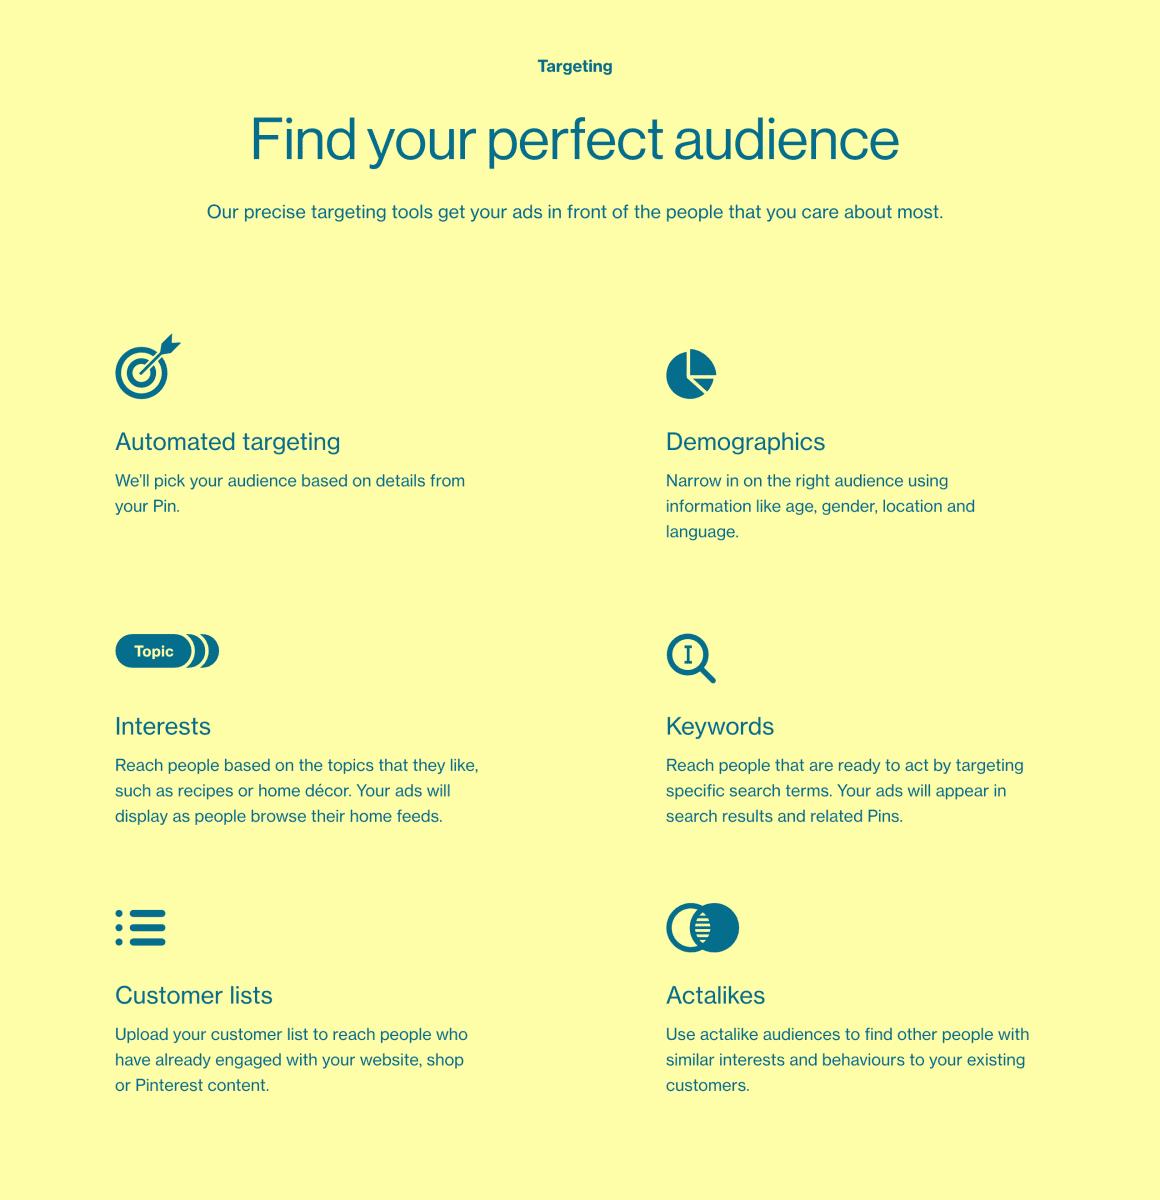 Cílení je alfa a omega kterékoliv online platformy a sociální sítě. Většinou se jedná o kombinaci soc-demo cílení, zájmovéno cílení a také případných custom audiences, případně actlikes / lookalikes. Některé sítě nabízí cílení na klíčová slova (Pinteret a Twitter).